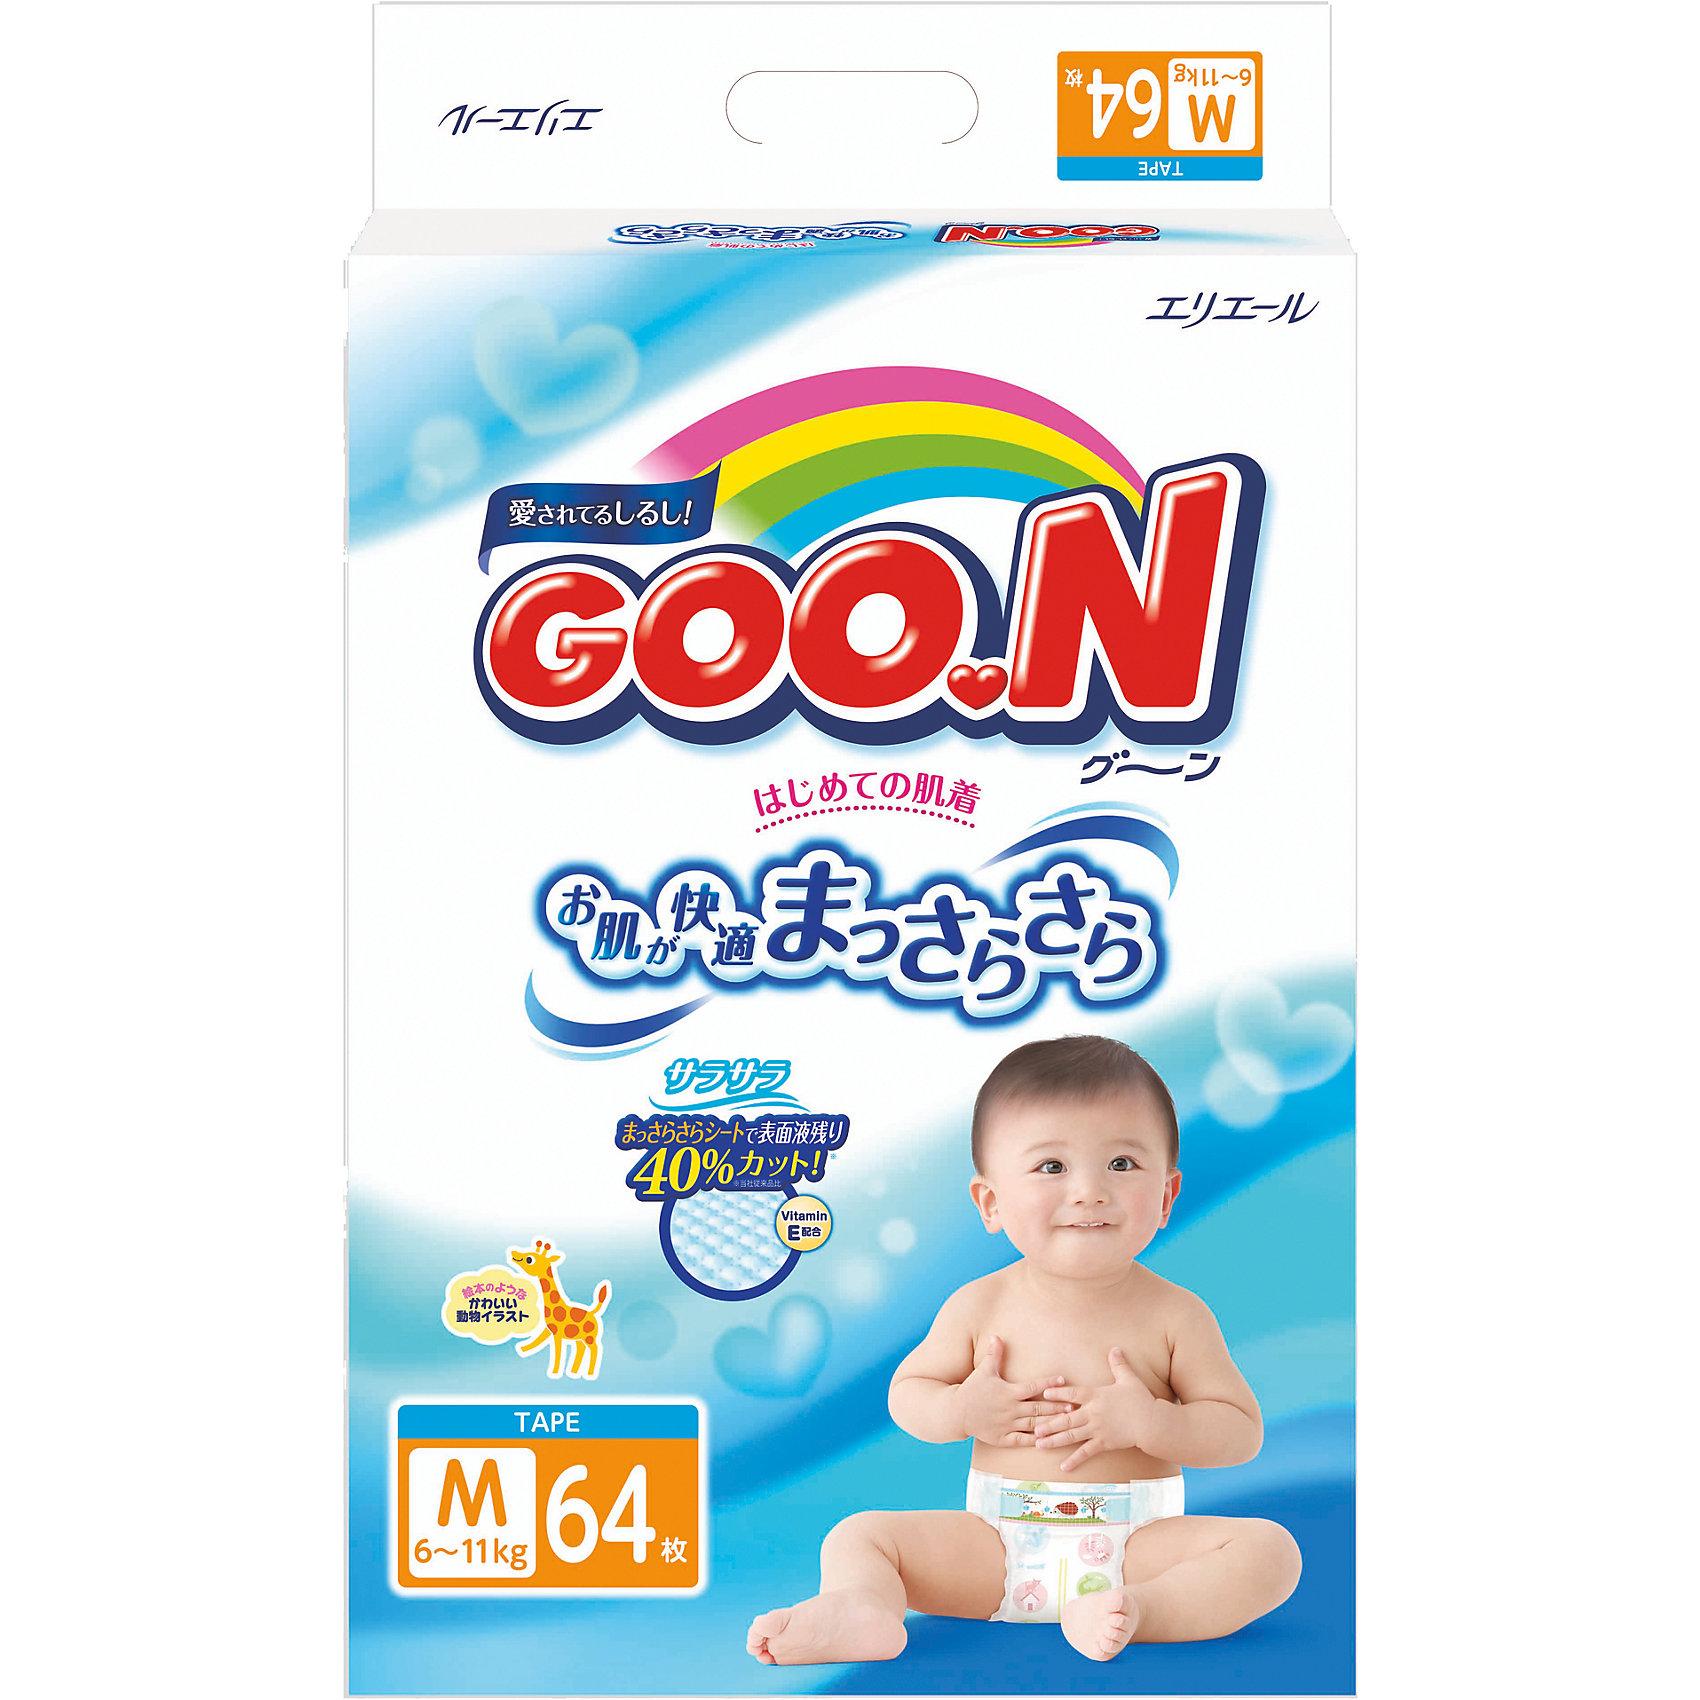 Goon Подгузники Goon, M 6-11 кг, 64 шт. goon подгузники ss 0 5 кг 90 шт